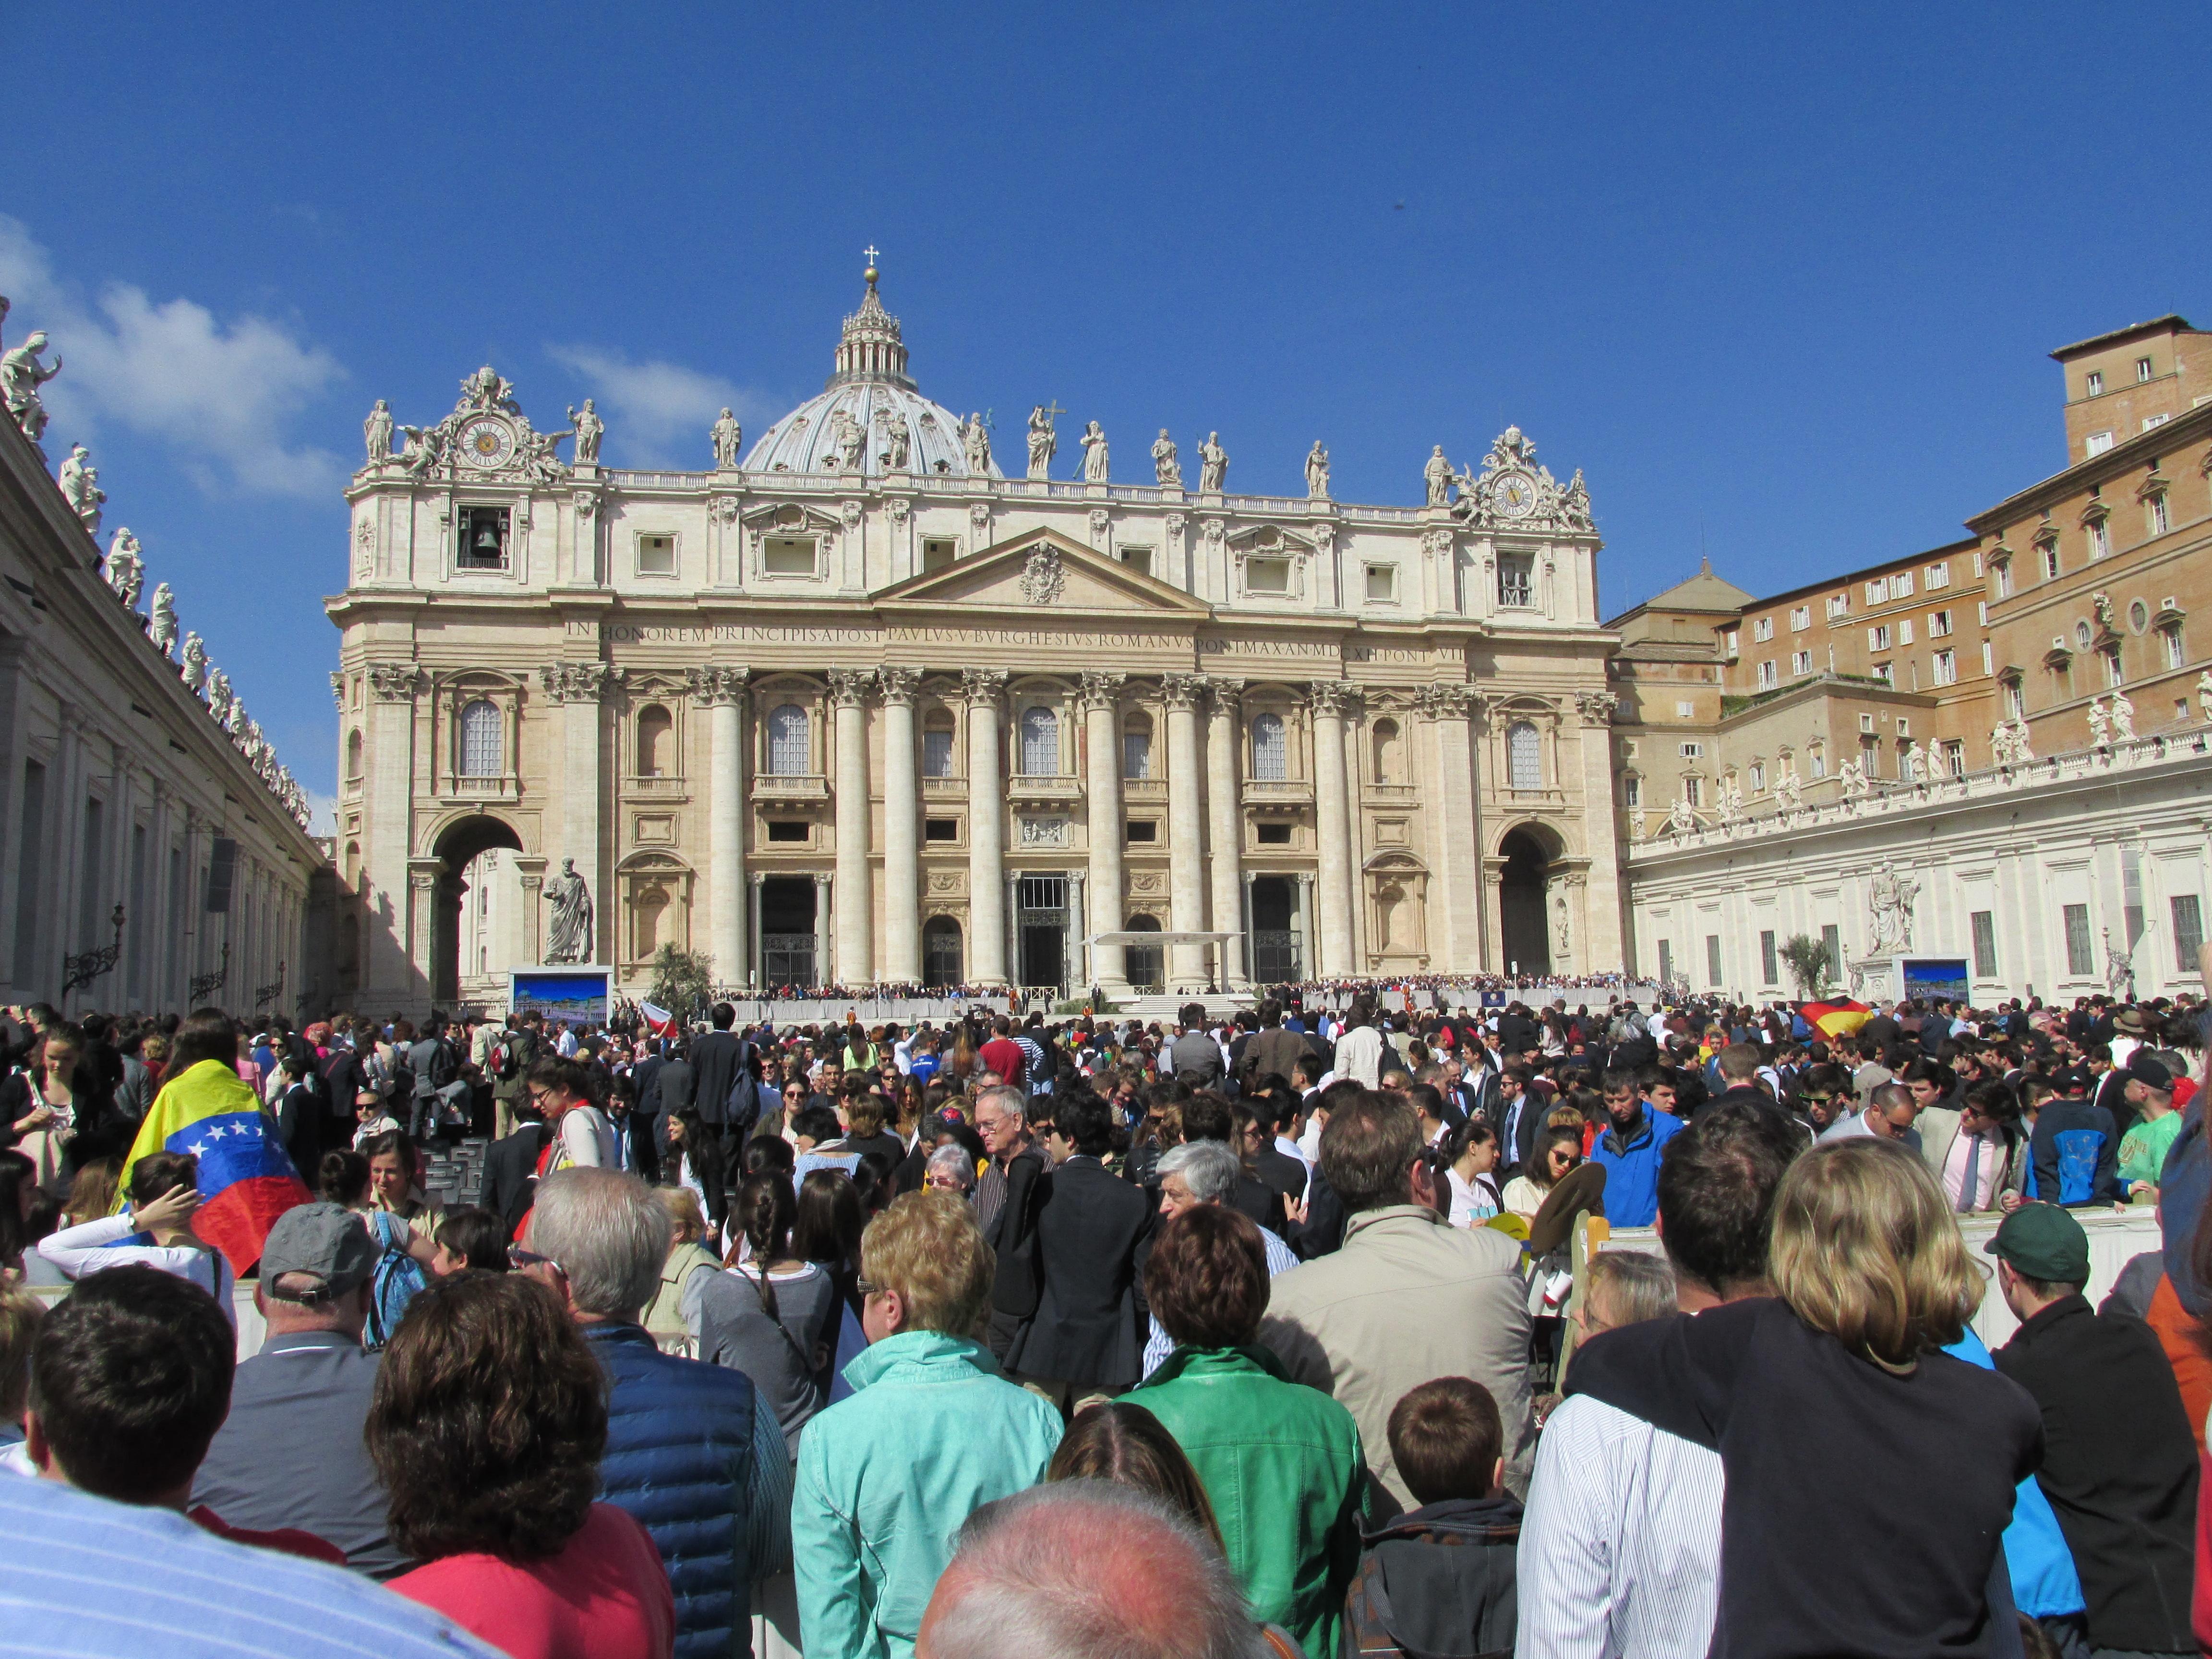 IMG 2535 - Consejos para visitar el Vaticano